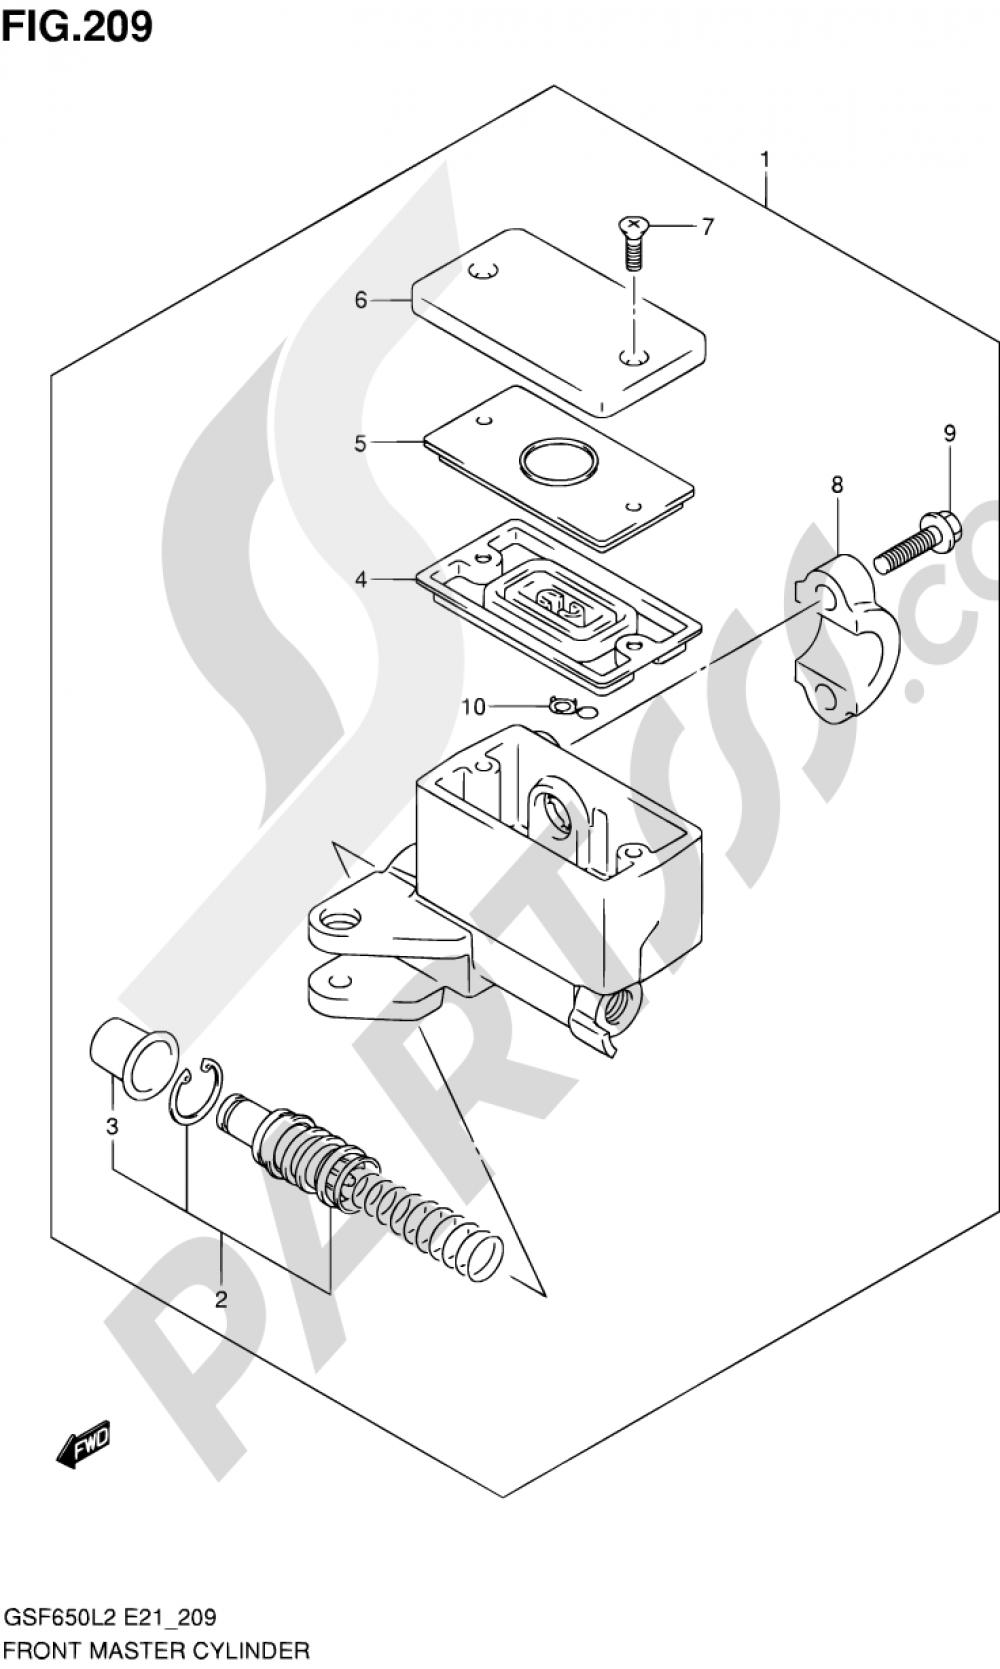 209 - FRONT MASTER CYLINDER (GSF650SL2 E21) Suzuki BANDIT GSF650 2012